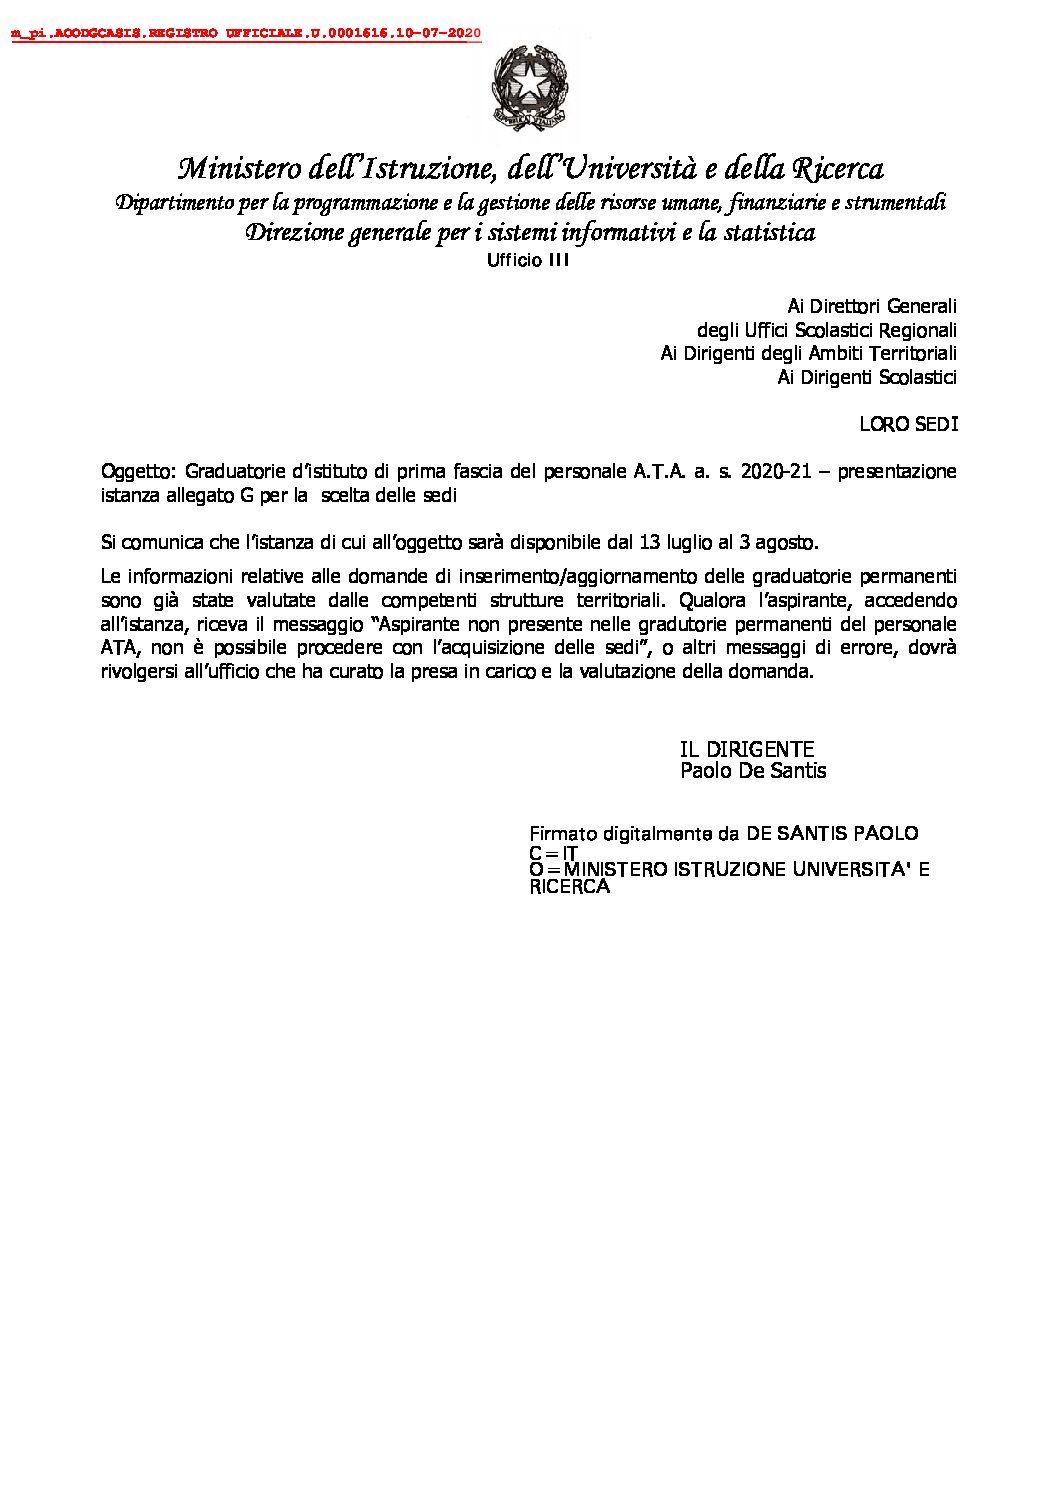 Graduatorie d'istituto di prima fascia del personale A.T.A. a. s. 2020-21 – presentazione istanza allegato G per la scelta delle sedi